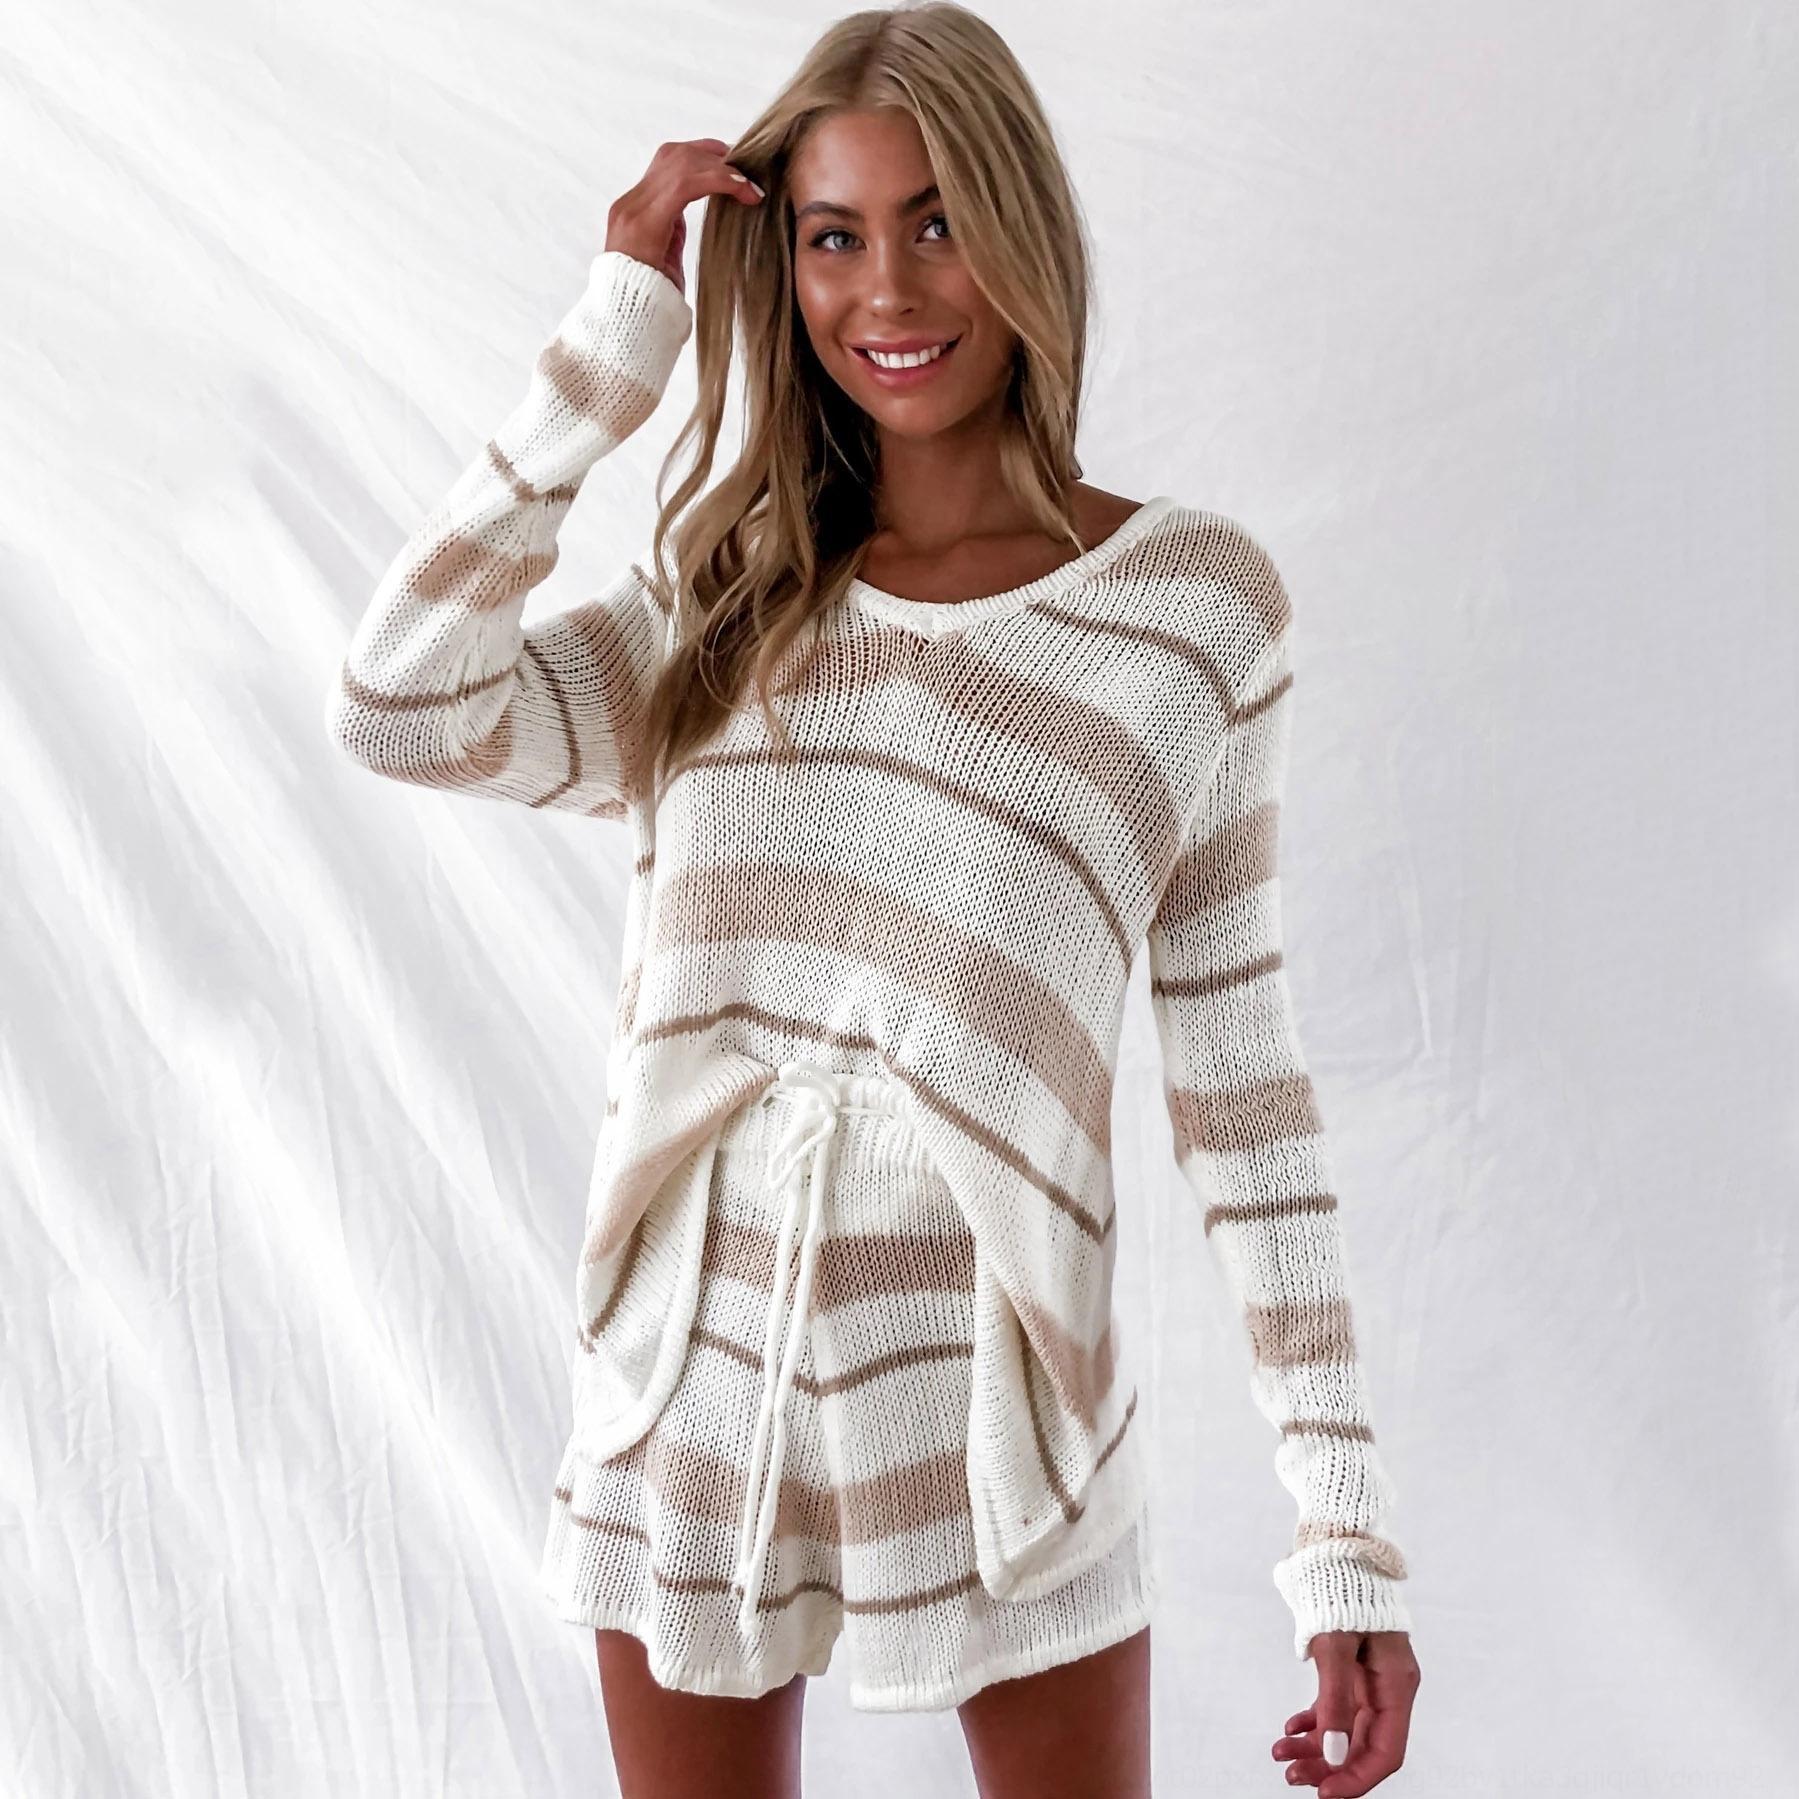 wGpE9 2020 rlbld Satz Verkauf neue Art und Weise beiläufige gestreifte zweiteilige heißen Pullover heißen Verkauf beiläufige neue Art und Weise gestreifte Pullover gesetzt zweiteiligen 2020